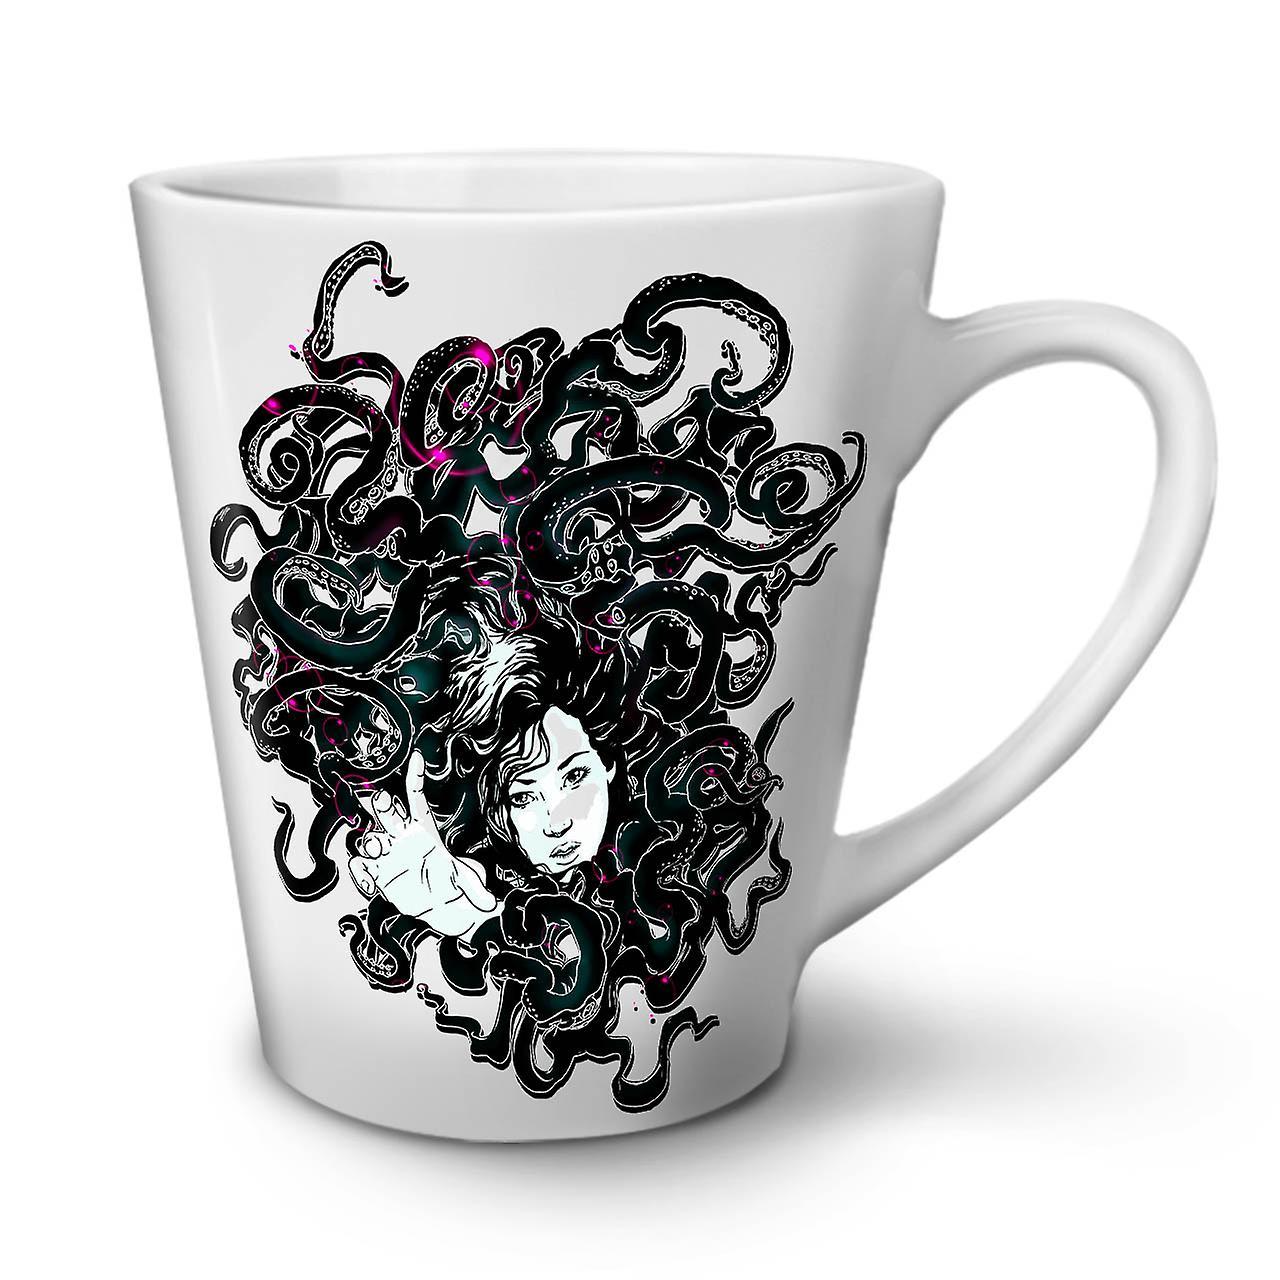 Blanche 12 Café OzWellcoda Nouvelle Fille Art Tasse En Céramique Latte Piégée OZuTPikX